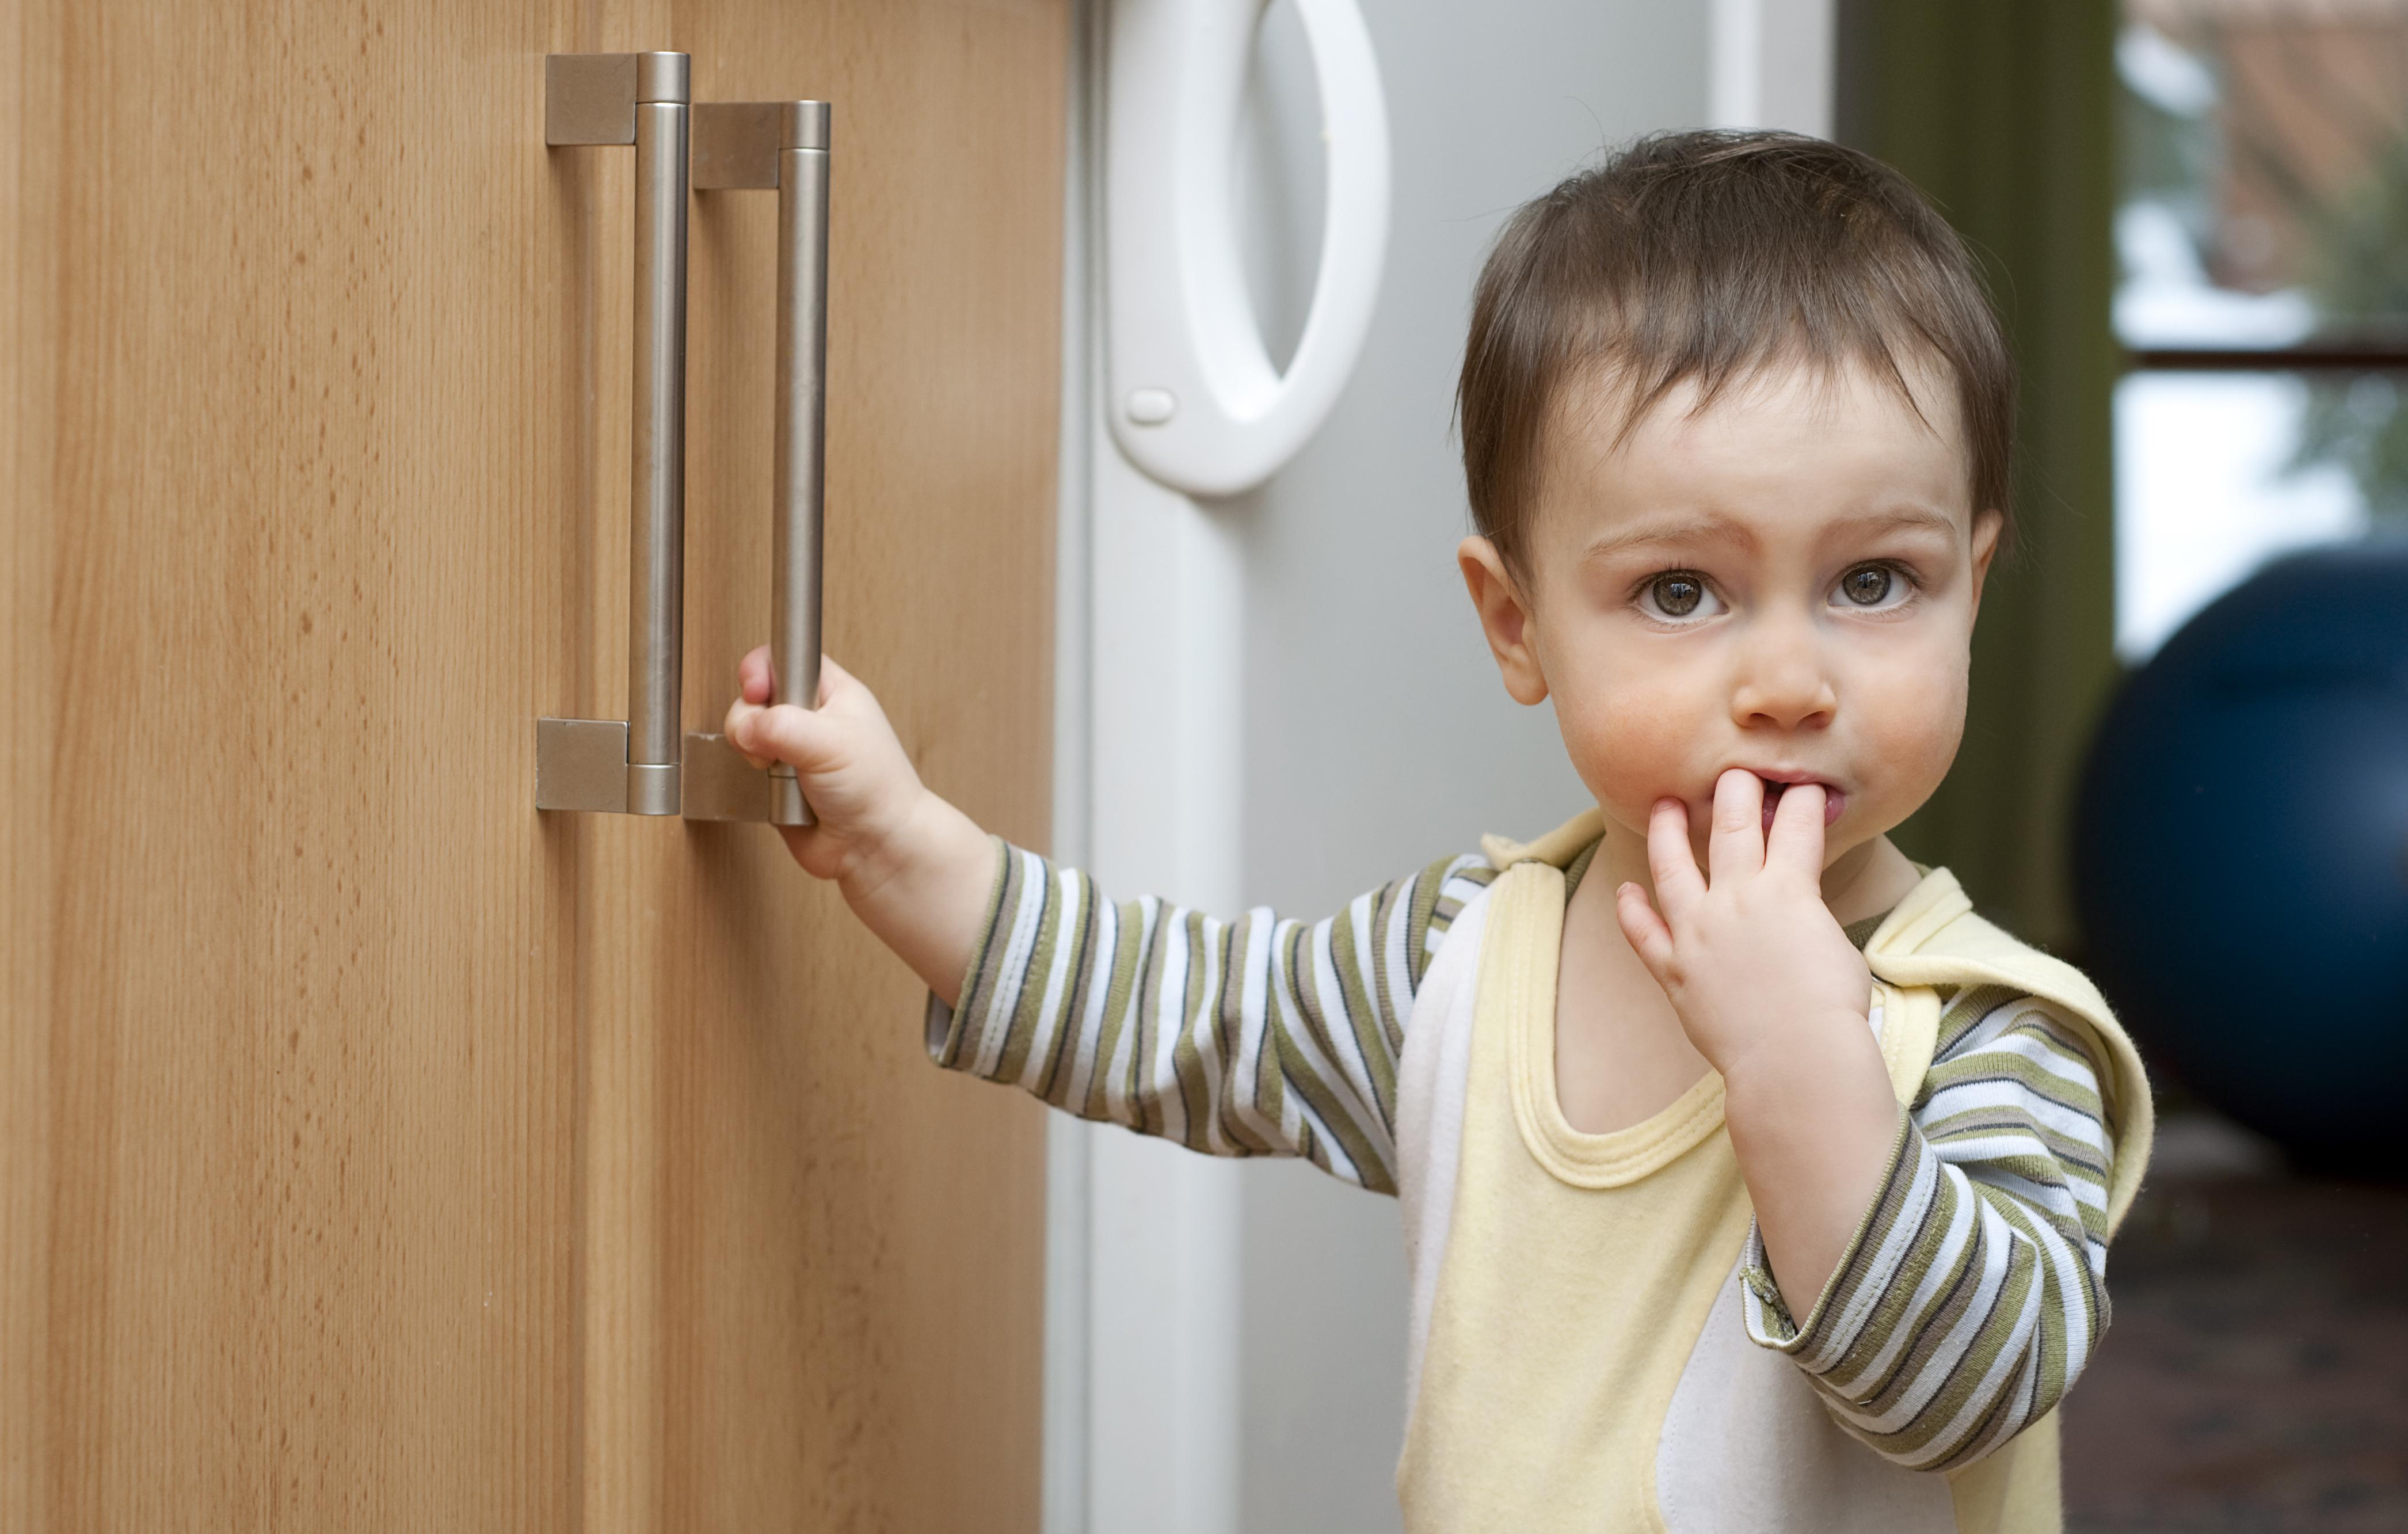 Seguridad infantil, niño, nutricionista rocio suarez